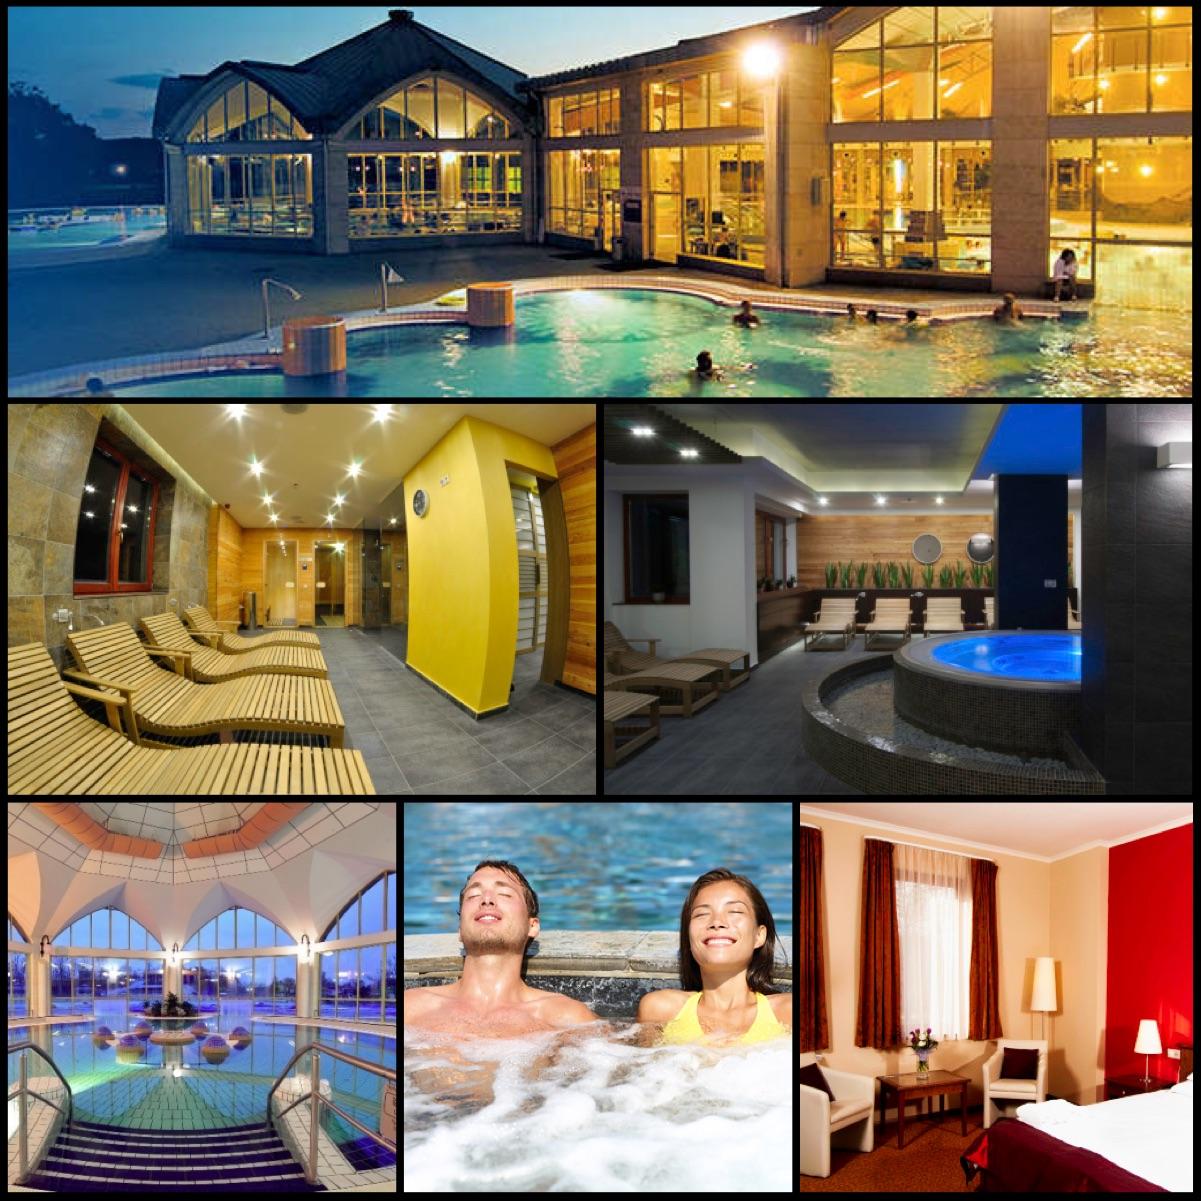 Luxusní wellness pobyt si užijete v maďarském lázeňském městě Sárvár nabízí hotel Bassiana.